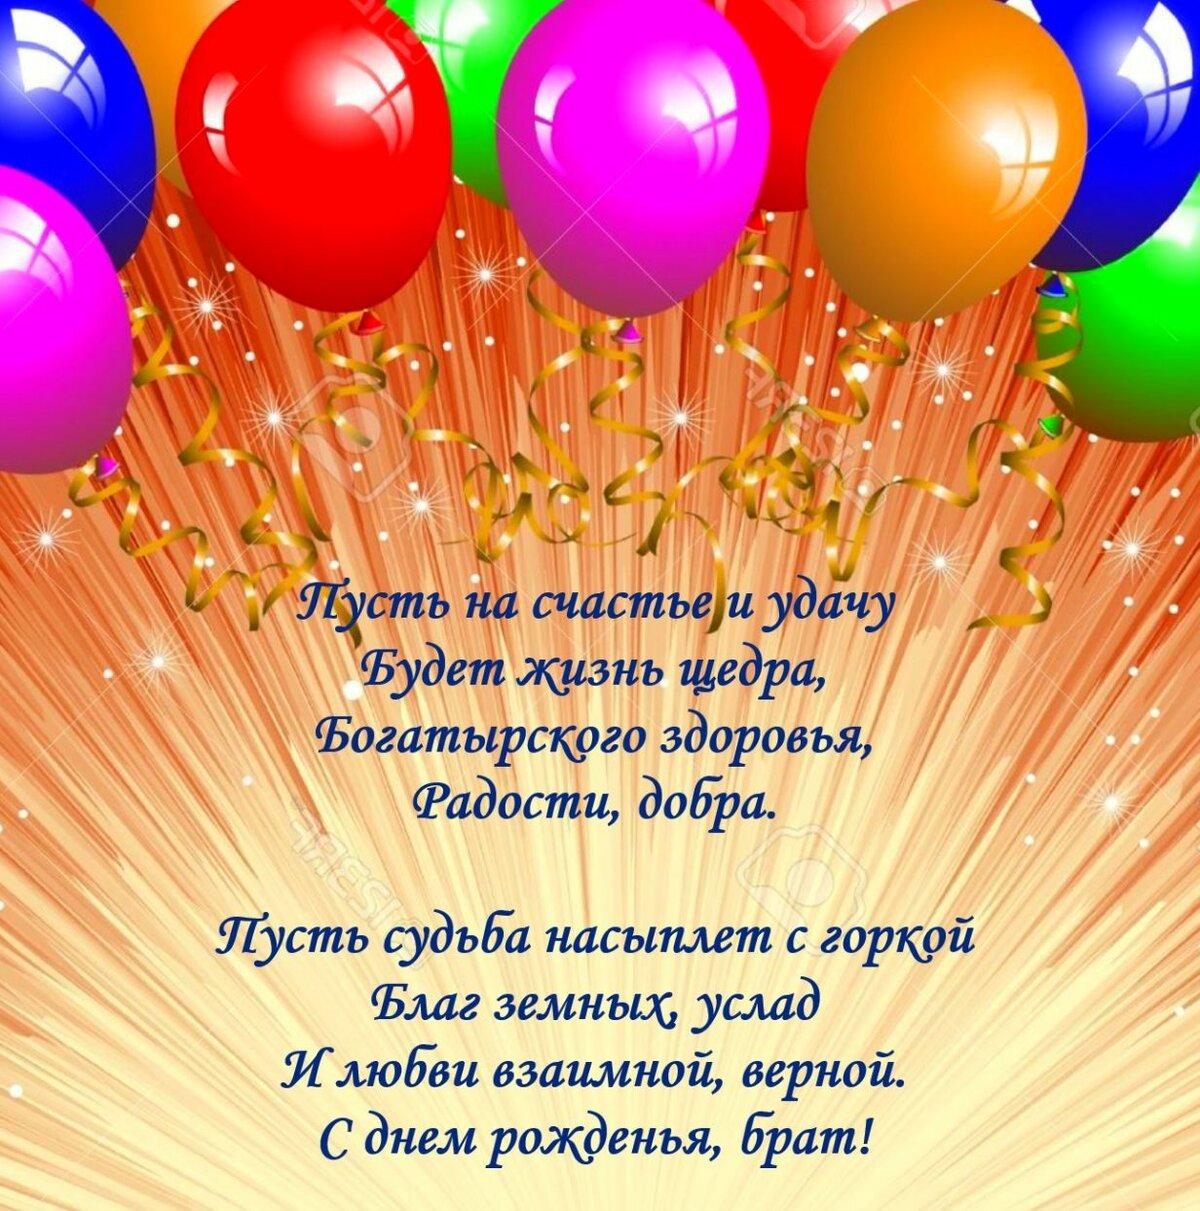 в прозе поздравления с днем рождения брату от сестры